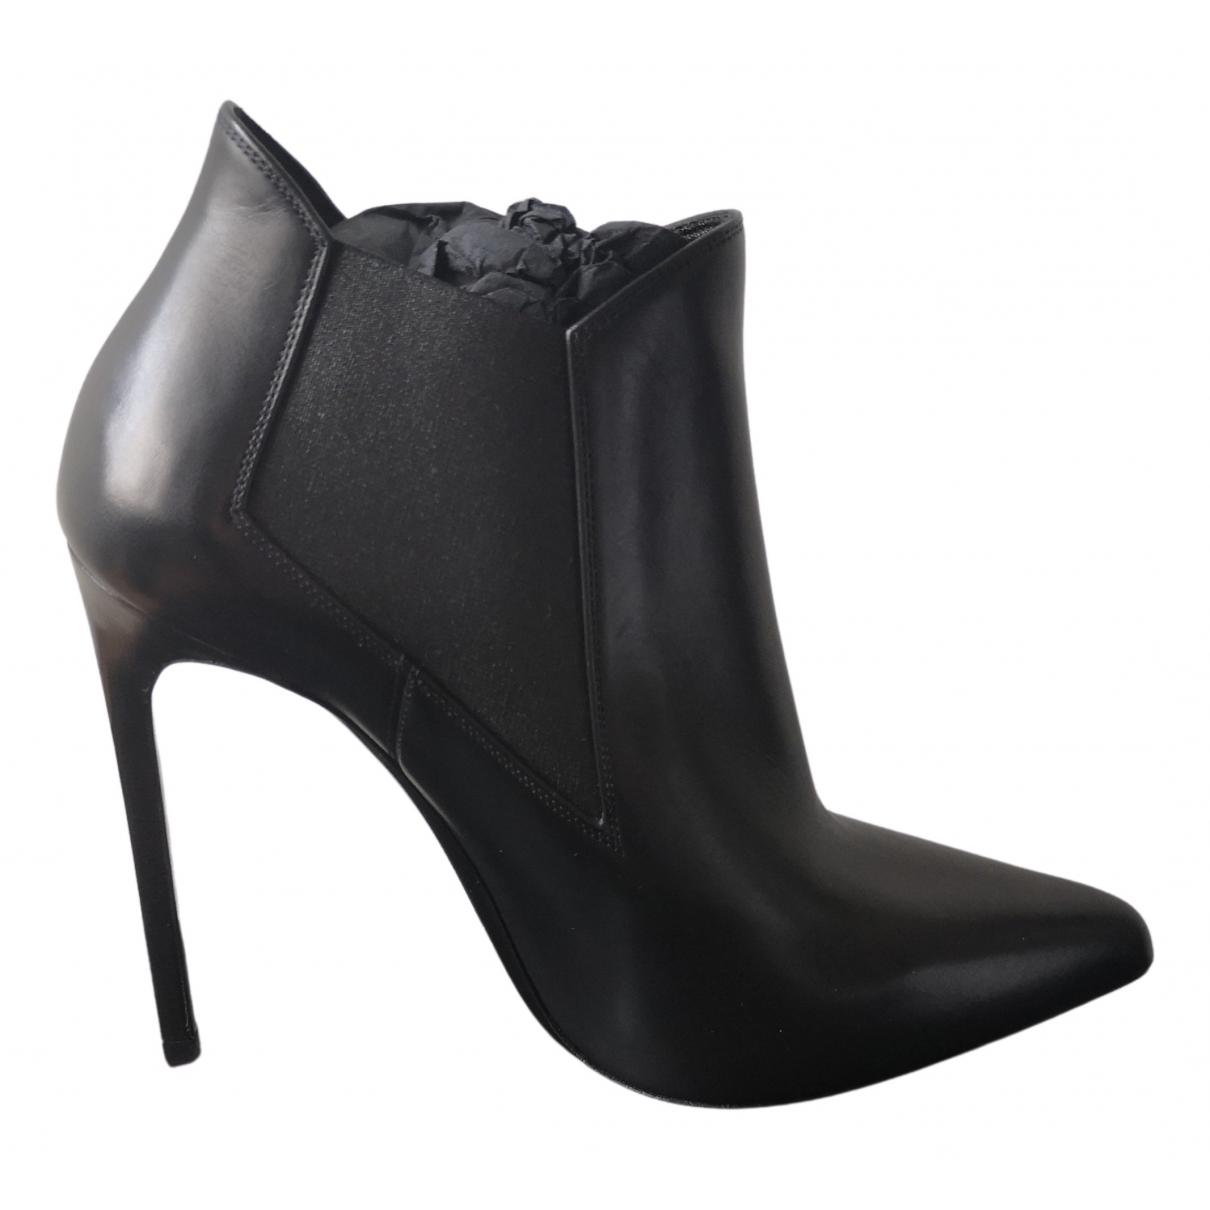 Saint Laurent \N Black Leather Ankle boots for Women 39 EU